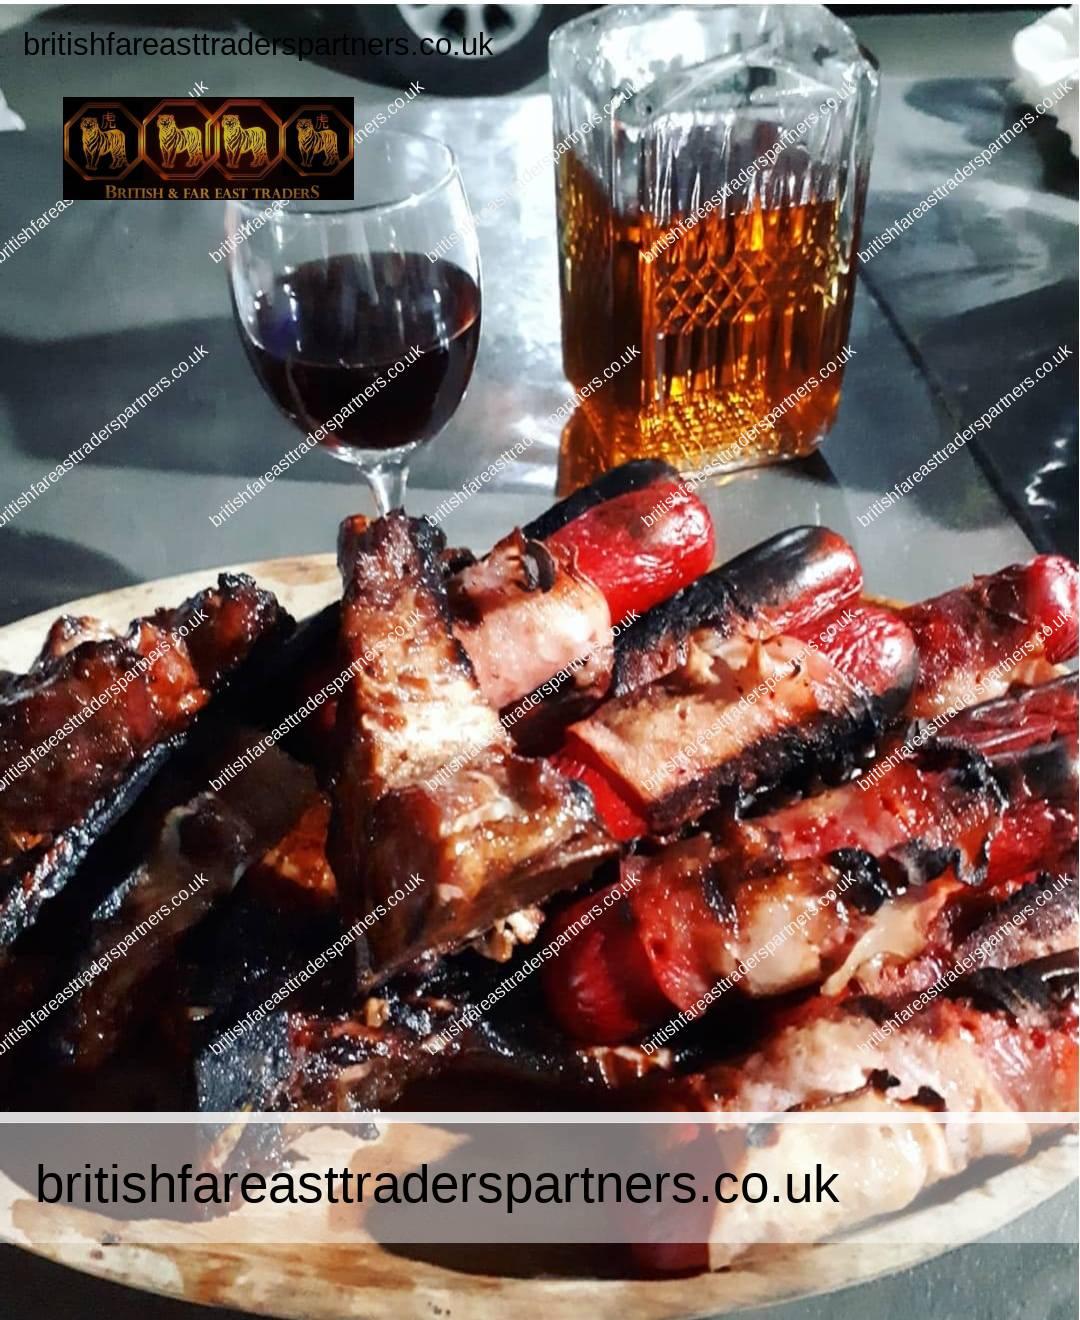 barbecue hotdogs and spare ribs